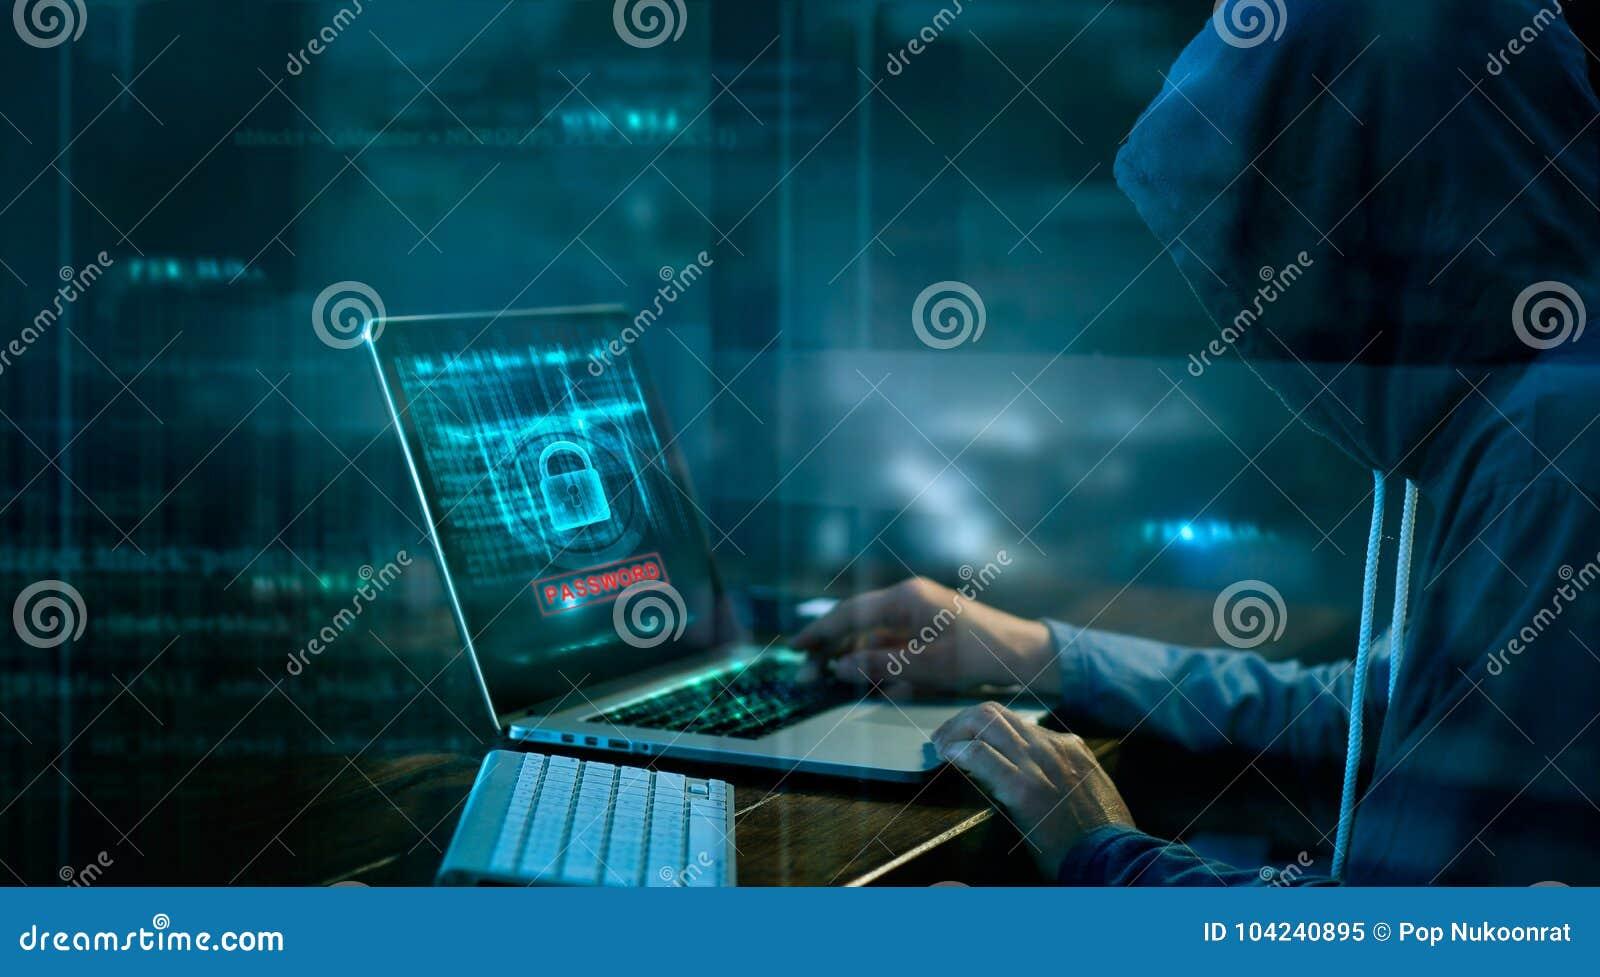 Ataque cibernético o delito informático que corta contraseña